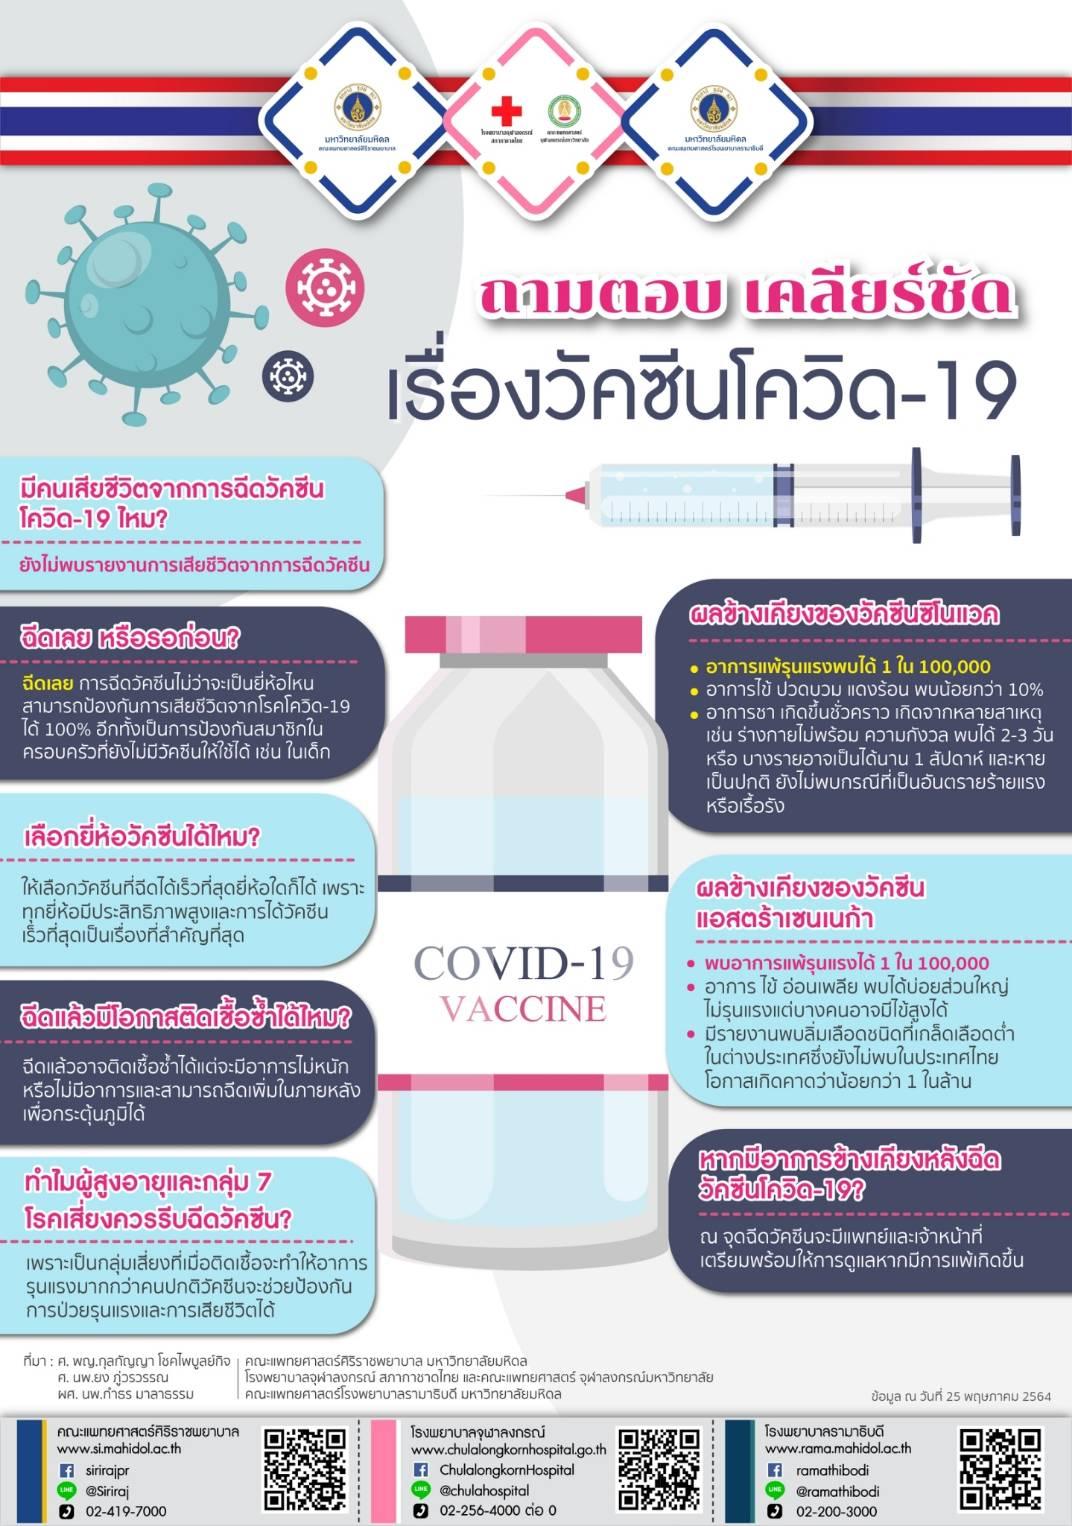 ถามตอบเคลียร์ชัดเรื่องวัคซีนโควิด-19